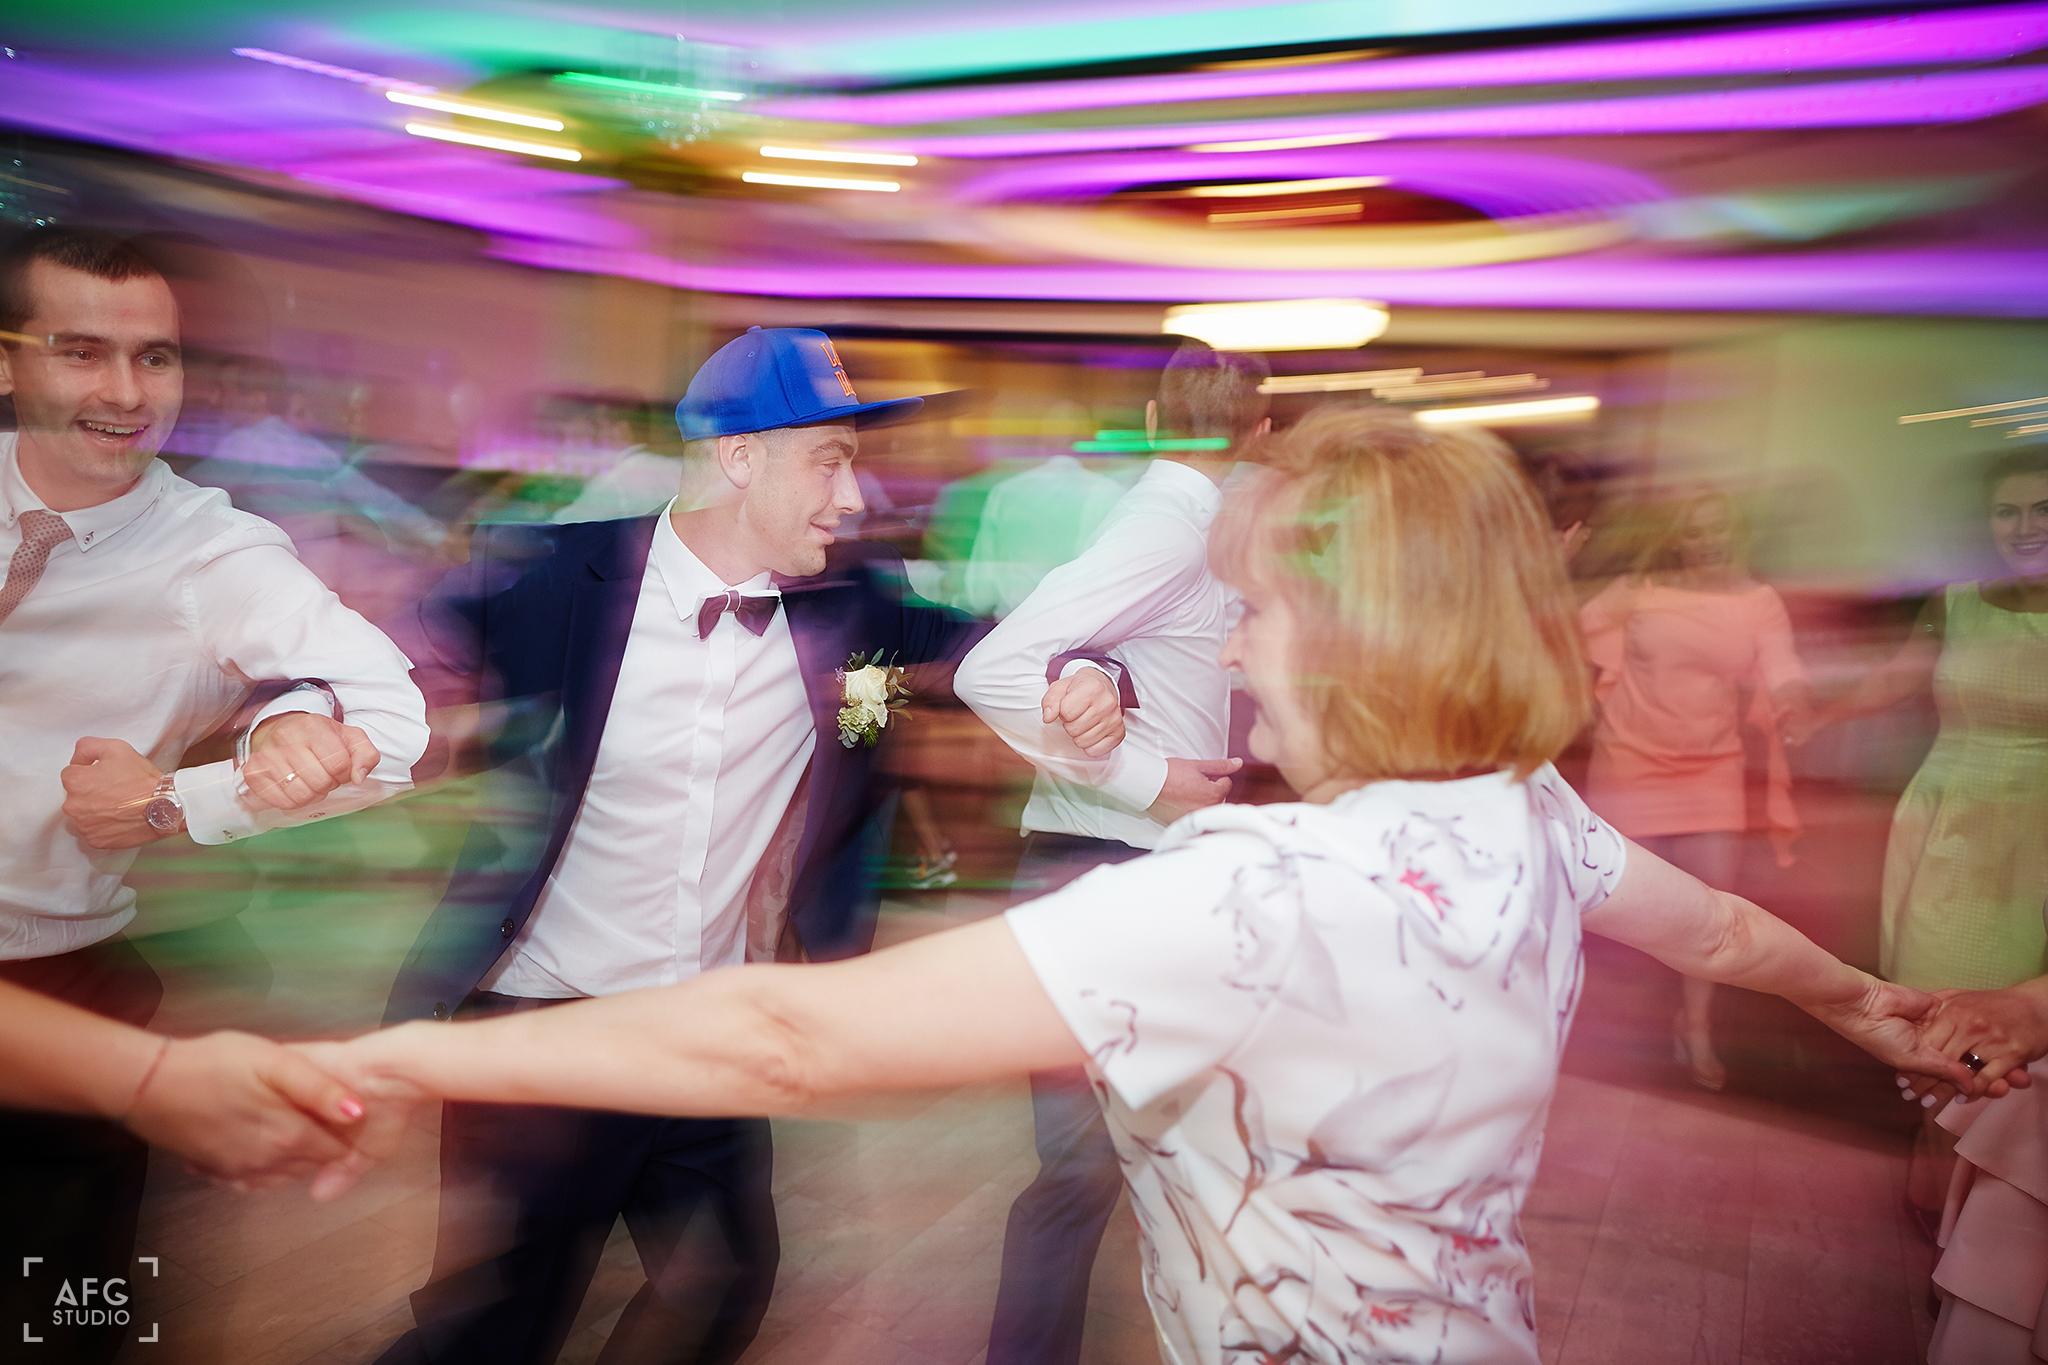 taniec weselny, szaleństwo weselne